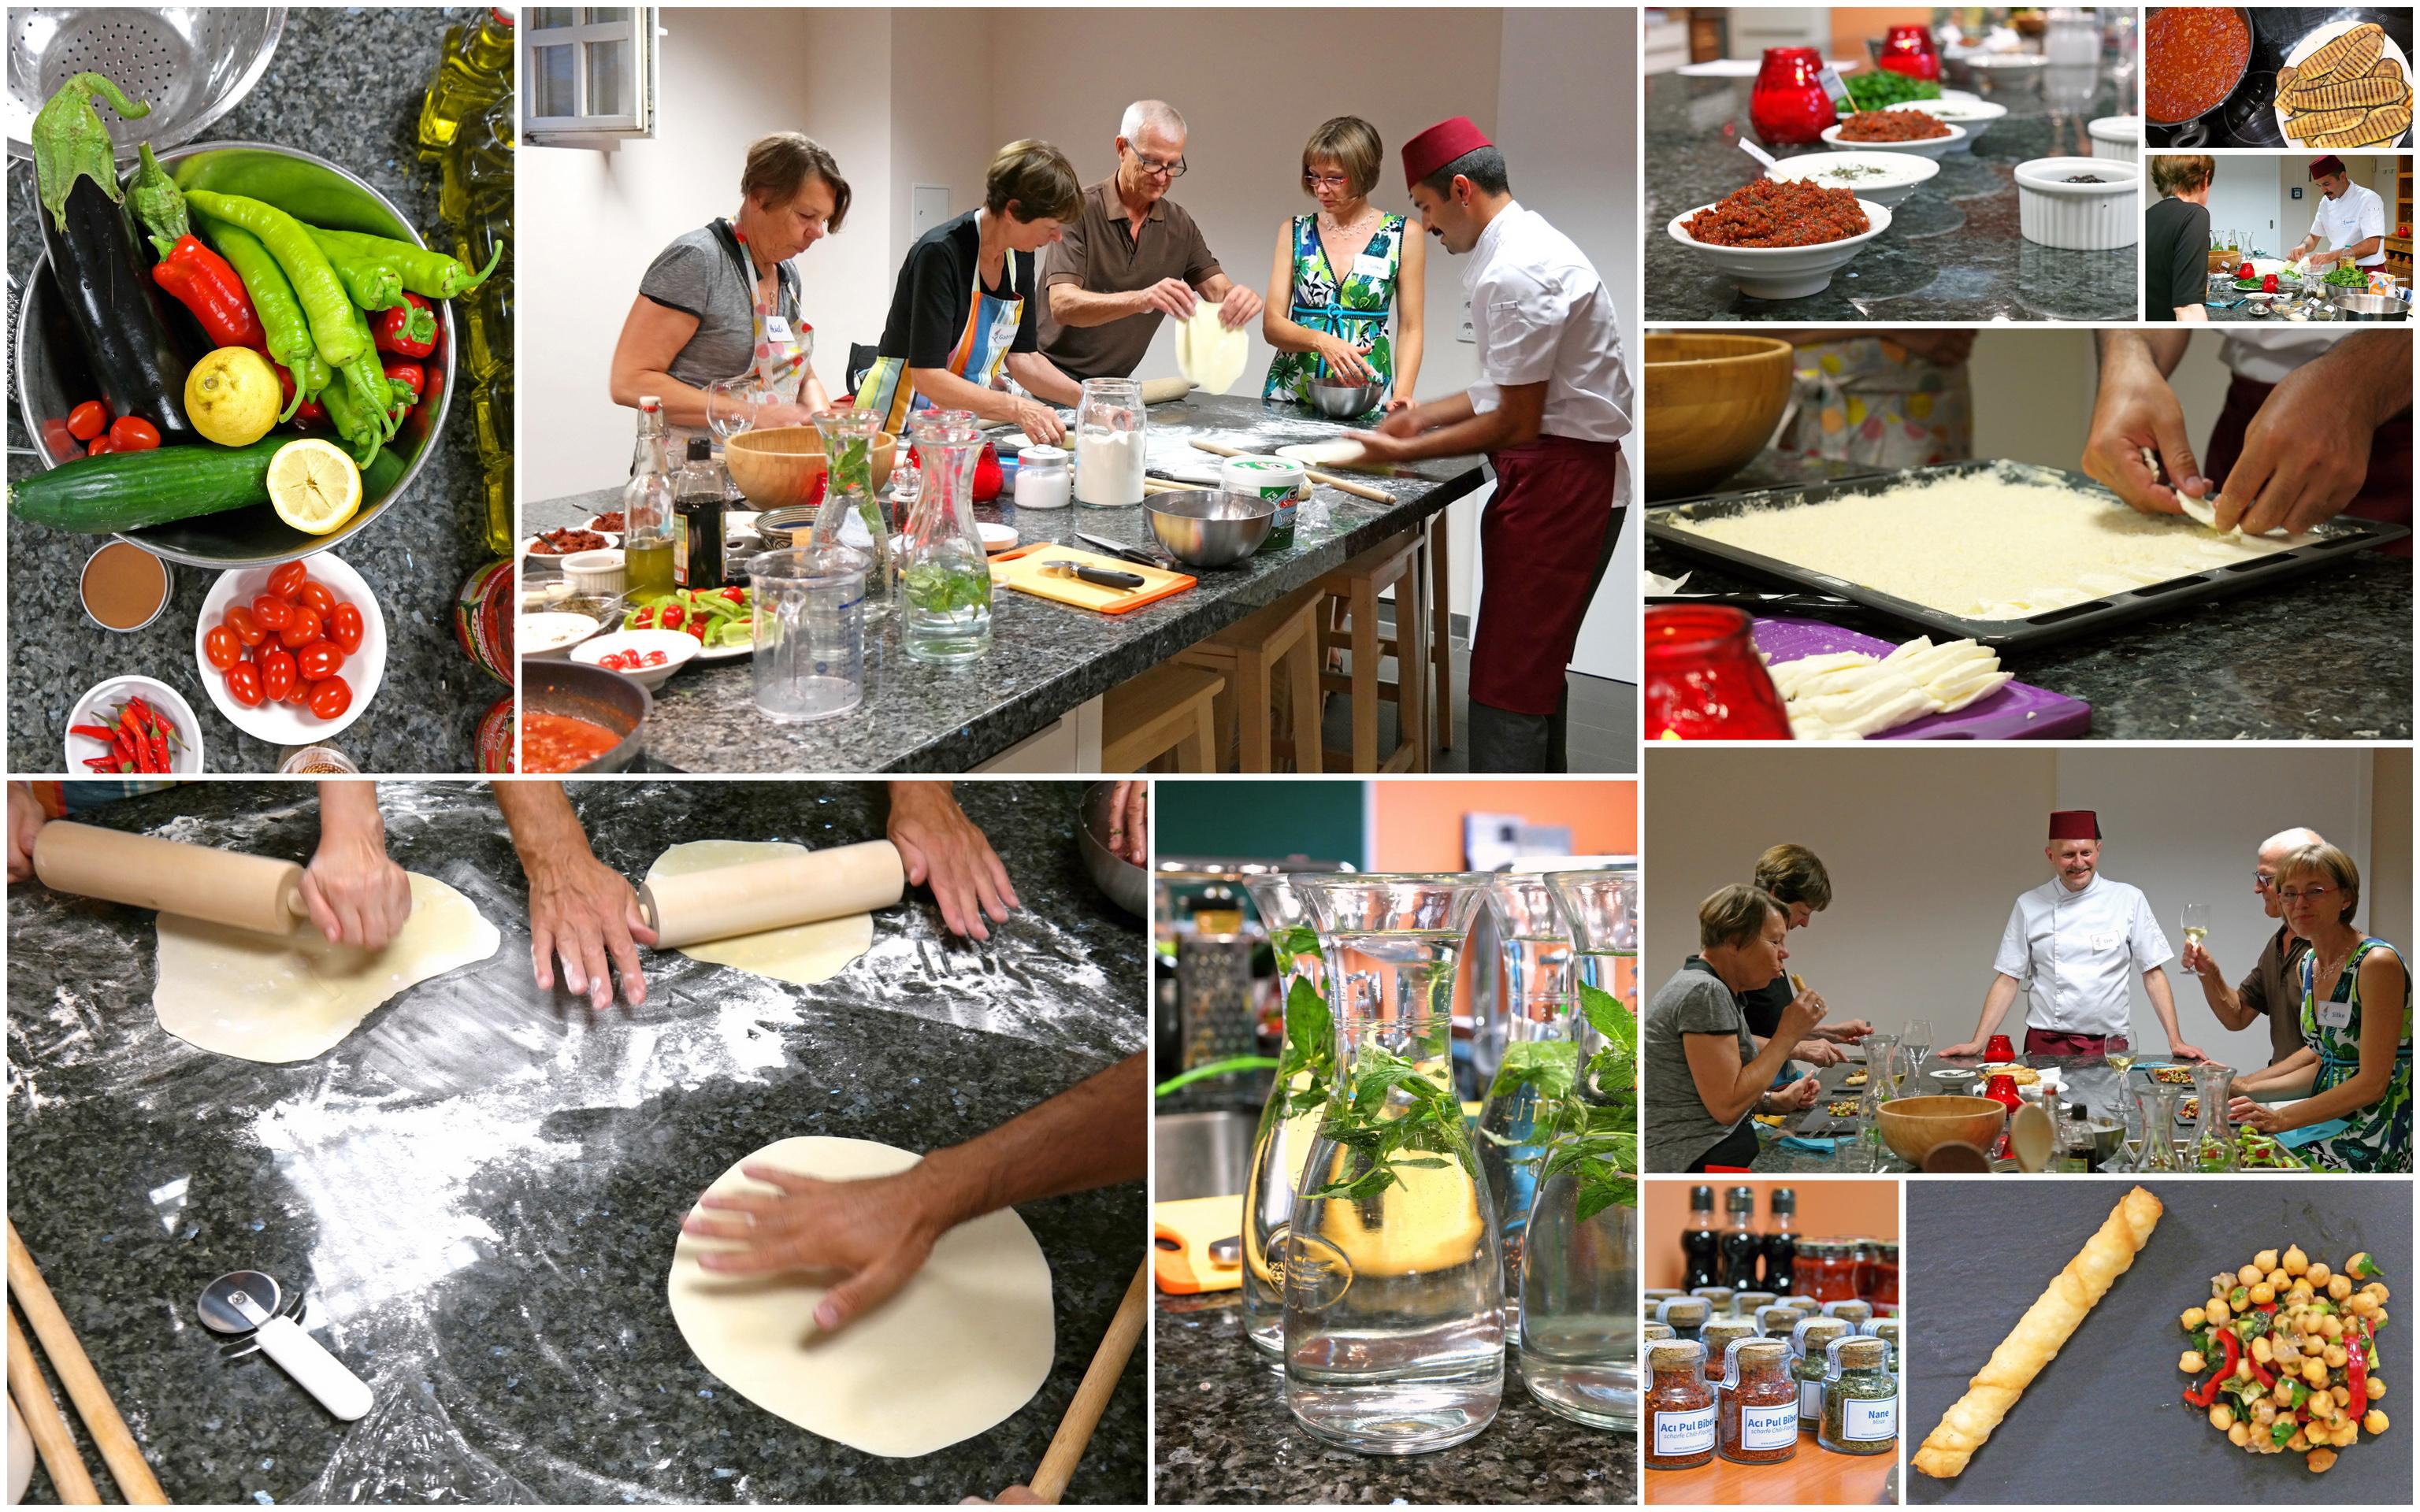 """Mein Kochseminar """"Anatolisch kochen"""" hatte erfolgreich Premiere!"""